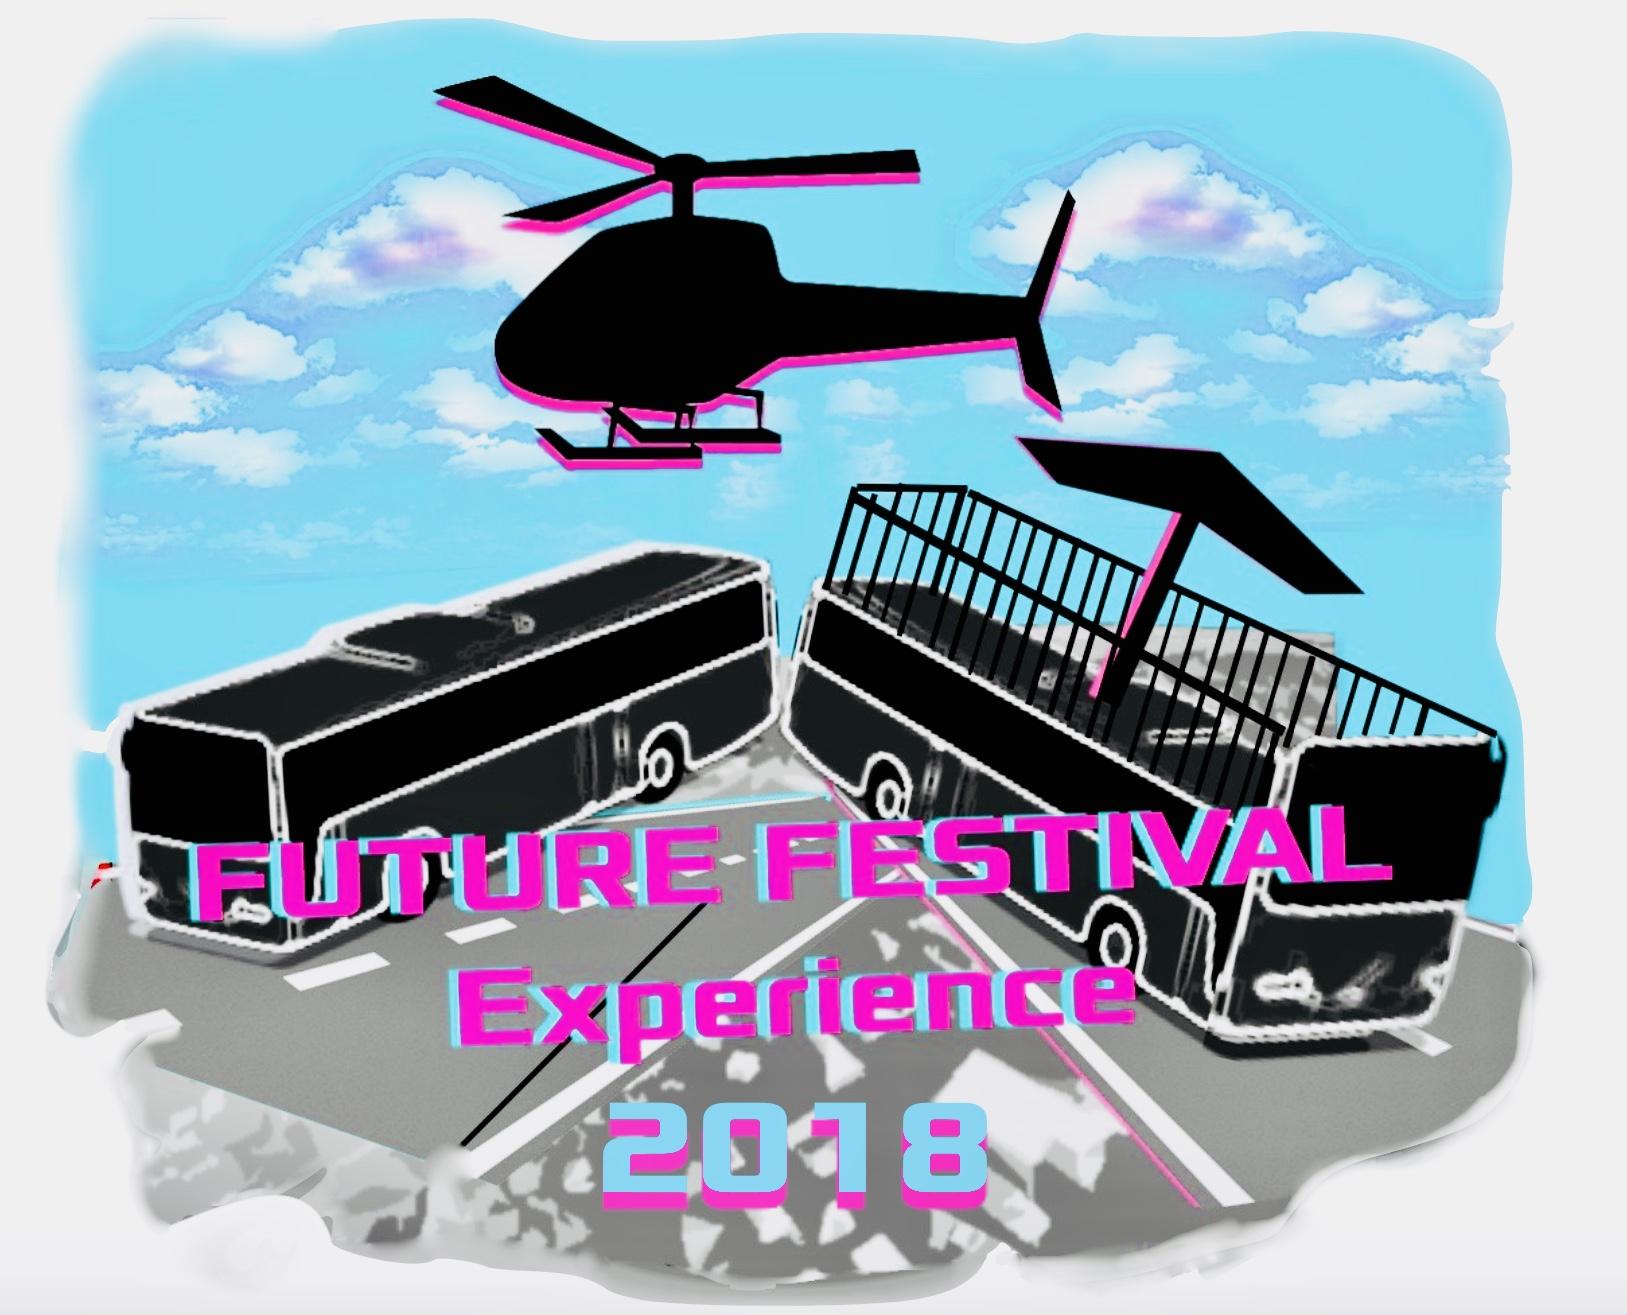 Future Festival graphic